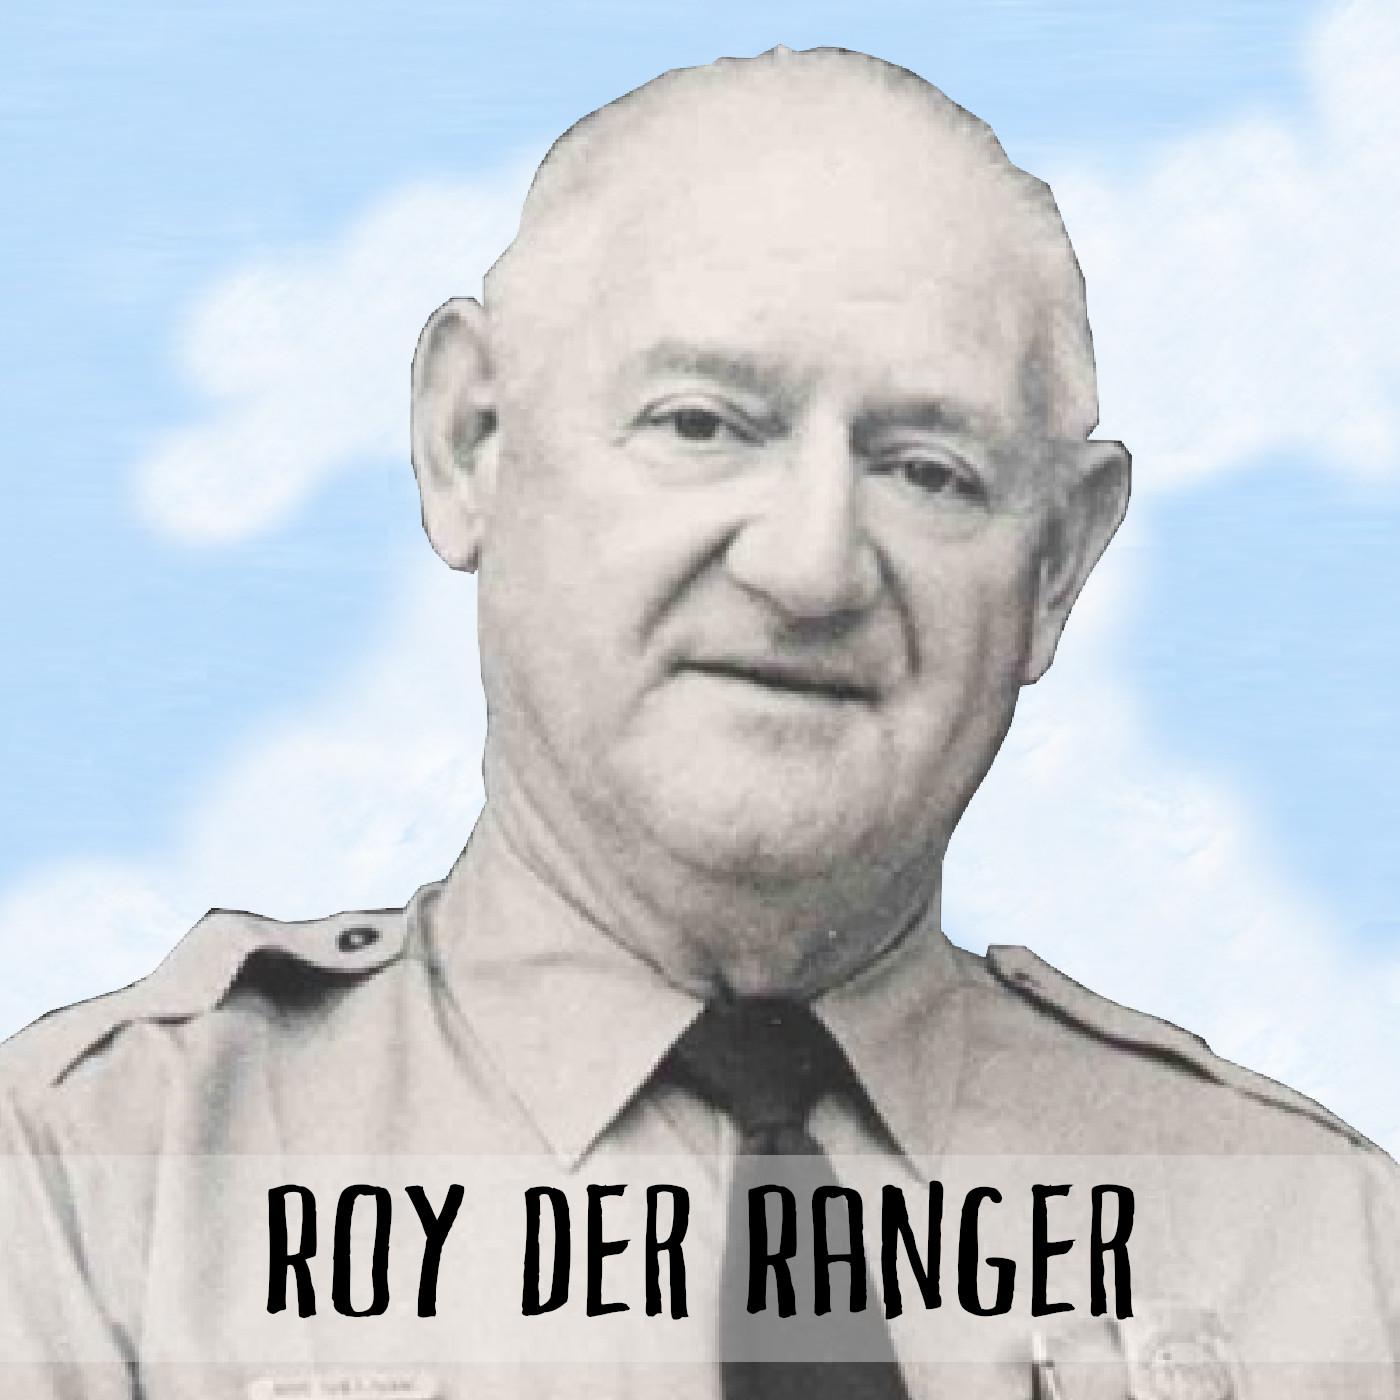 Podcast Cover: Roy Sullivan looking at the camera after being struck lightning several times. Podcast Logo: Roy Sullivan guckt in die Kamera nachdem er mehrere Male vom Blitz getroffen wurde.